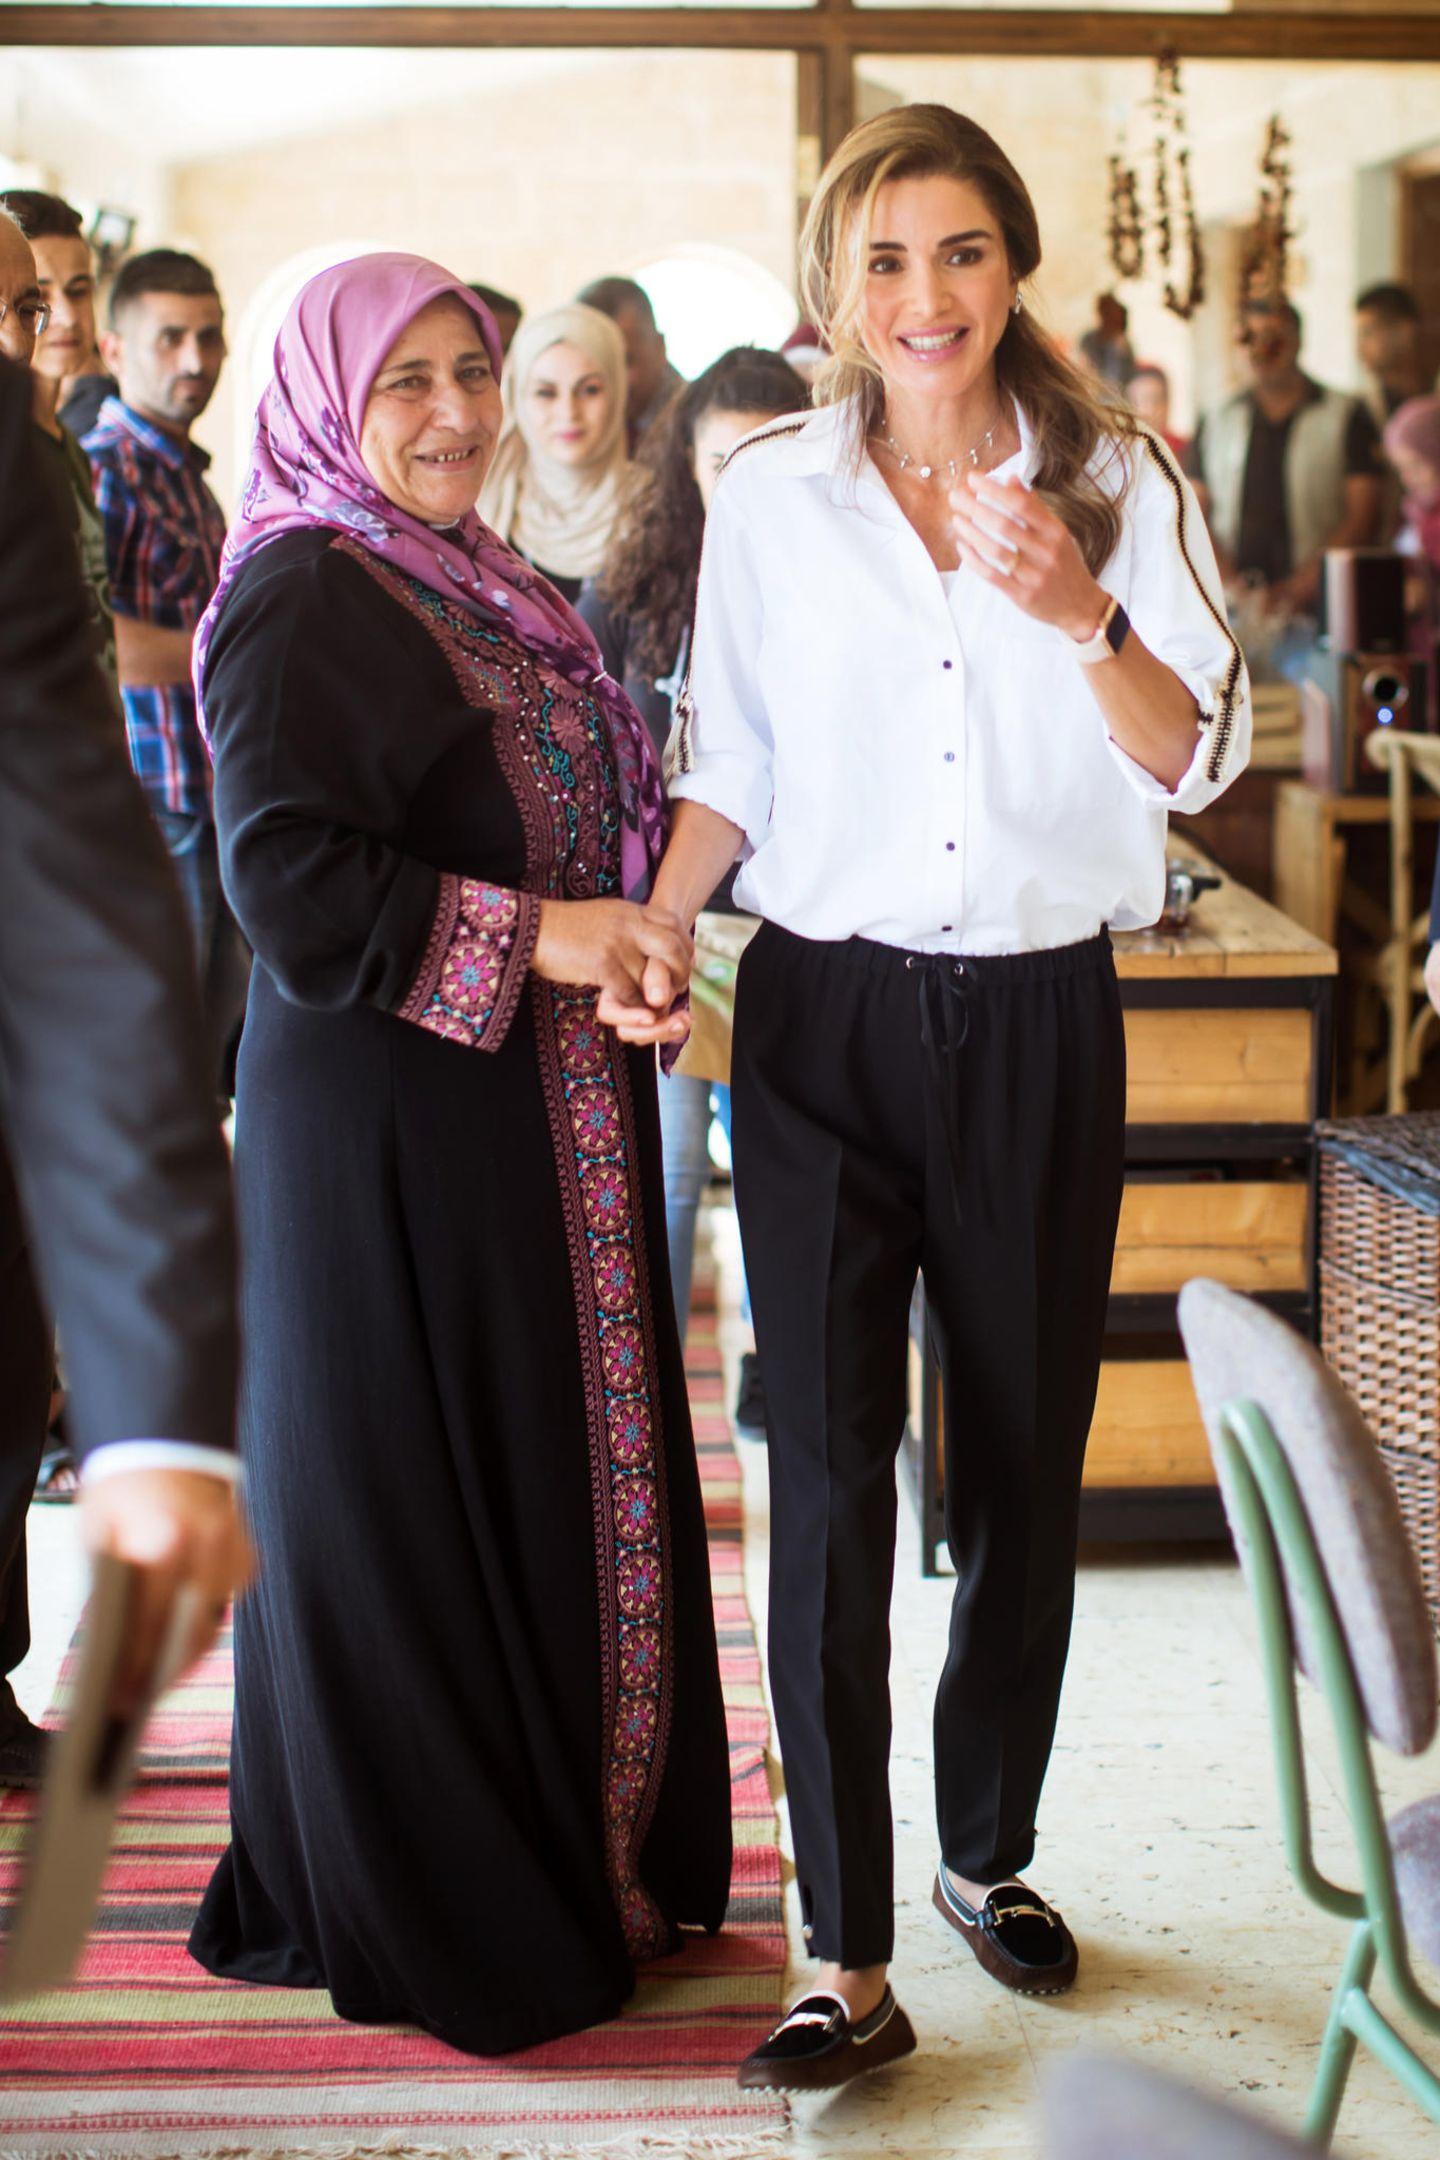 Königin Ranja besucht Projekte der Cooperative Society Al Kifahin Ailjoun und wählt dafür einen perfekten Look. Zu einer schwarzen, legeren Stoffhose trägt sie eine weiße Bluse von Zara und klassische Loafer von Tod's. Eine wirklich gelungene Mischung aus günstig geshoppt und luxuriös.